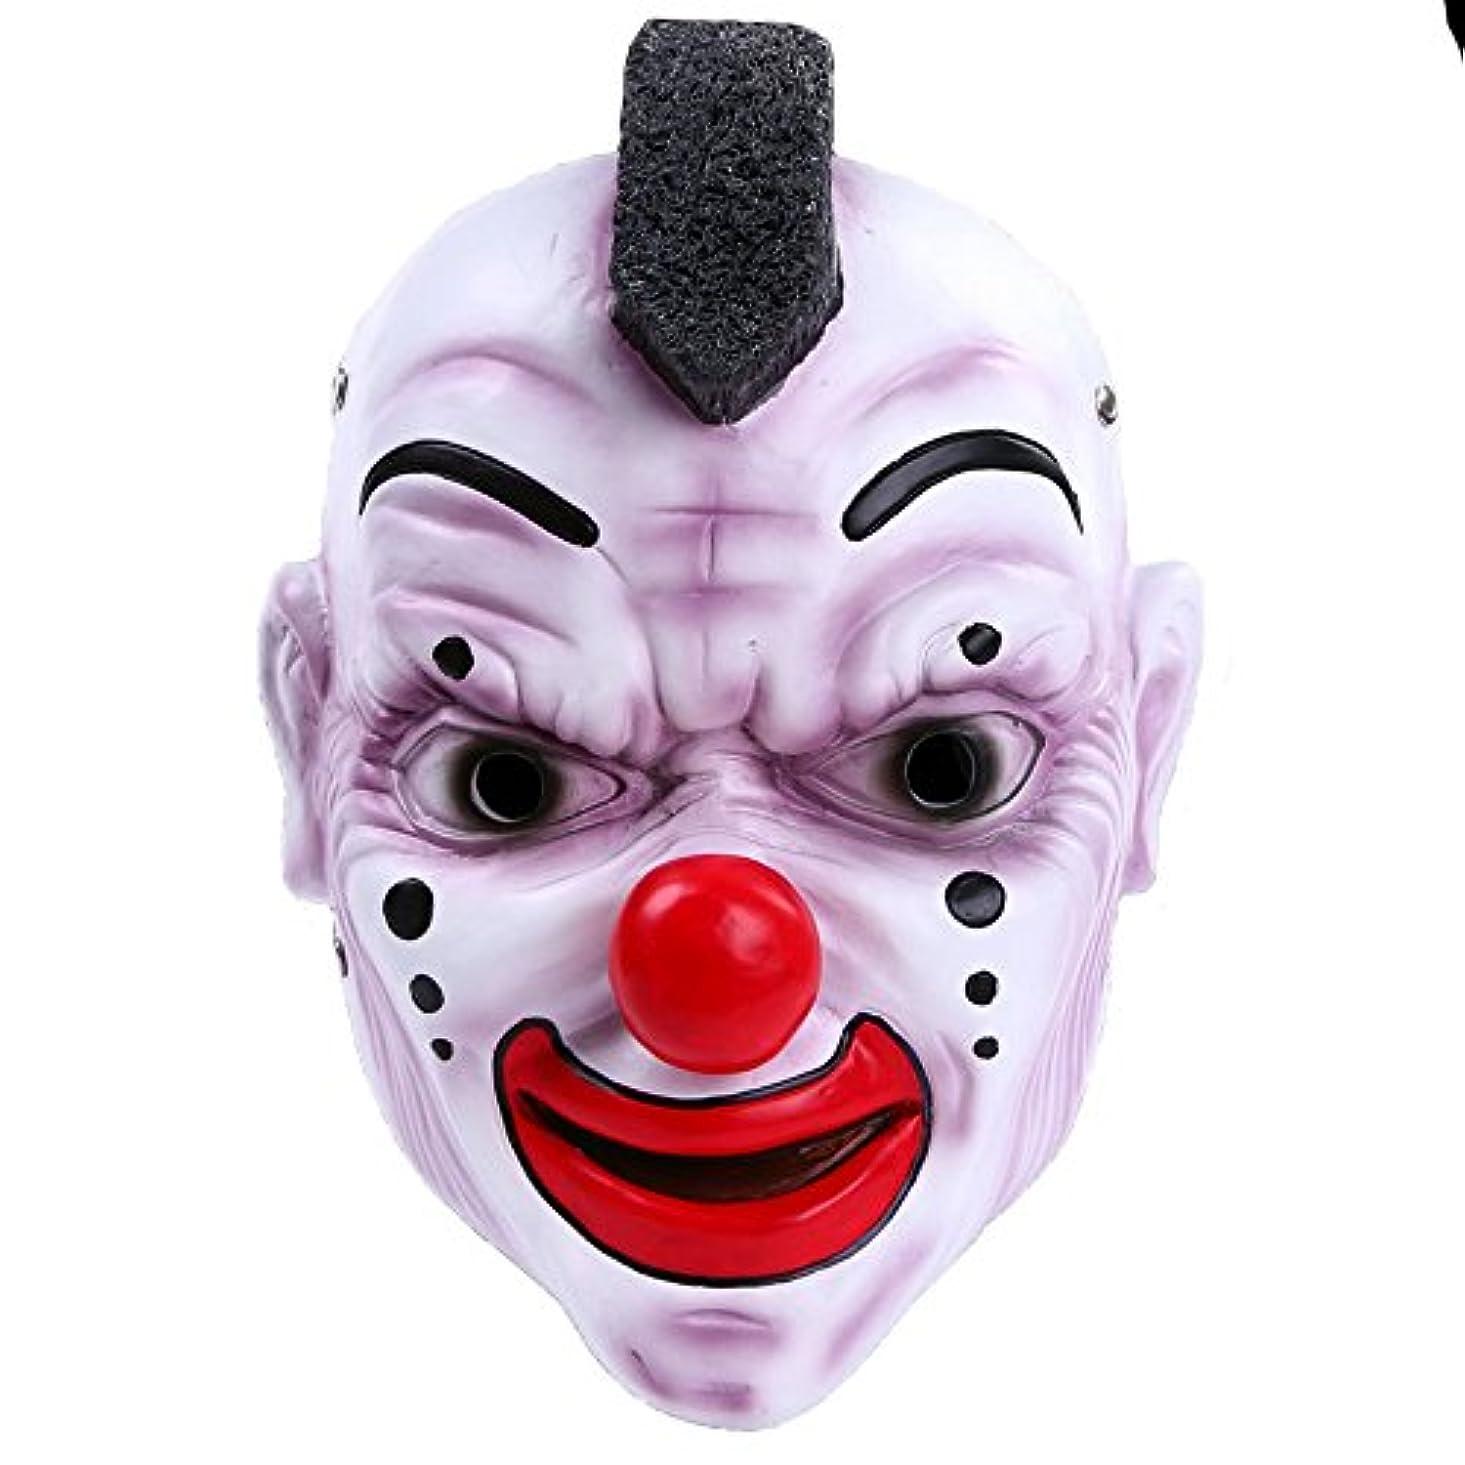 上回る息子設計ハロウィンバーパーティーマスクスカルバンドマスク赤い鼻ピエロマスク樹脂工芸品マスク